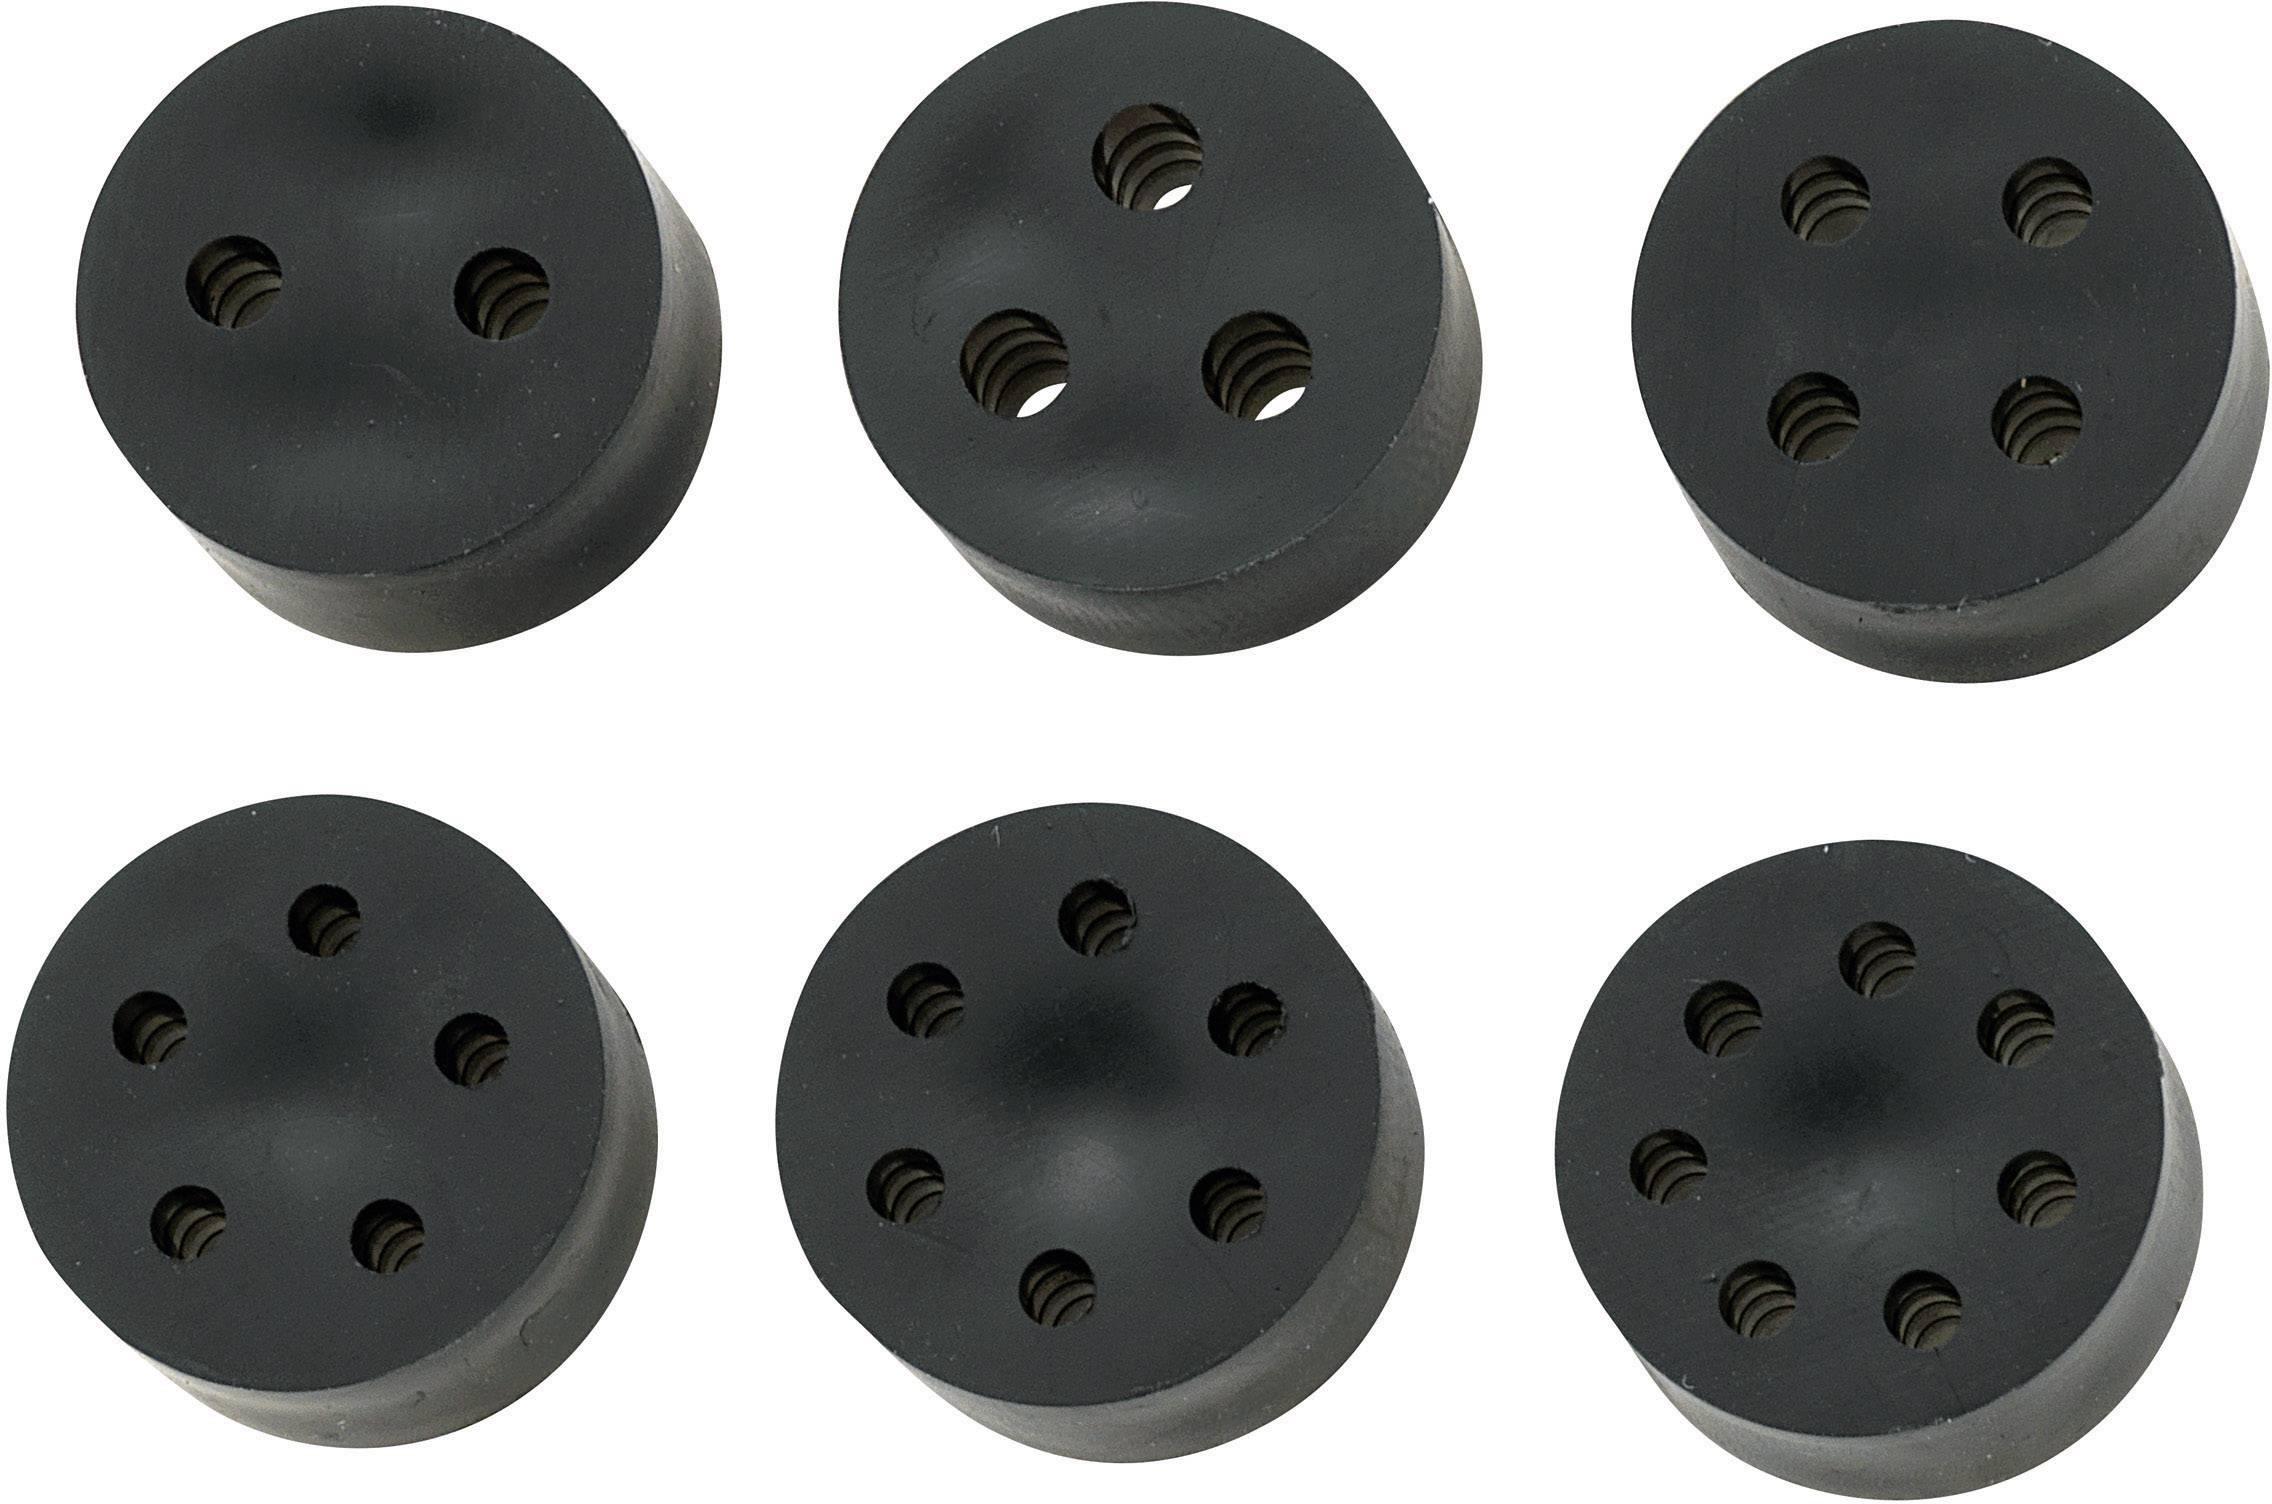 Tesniaca vložka s viacerými priechodmi KSS MH23-6B, PG21, guma, 1 ks